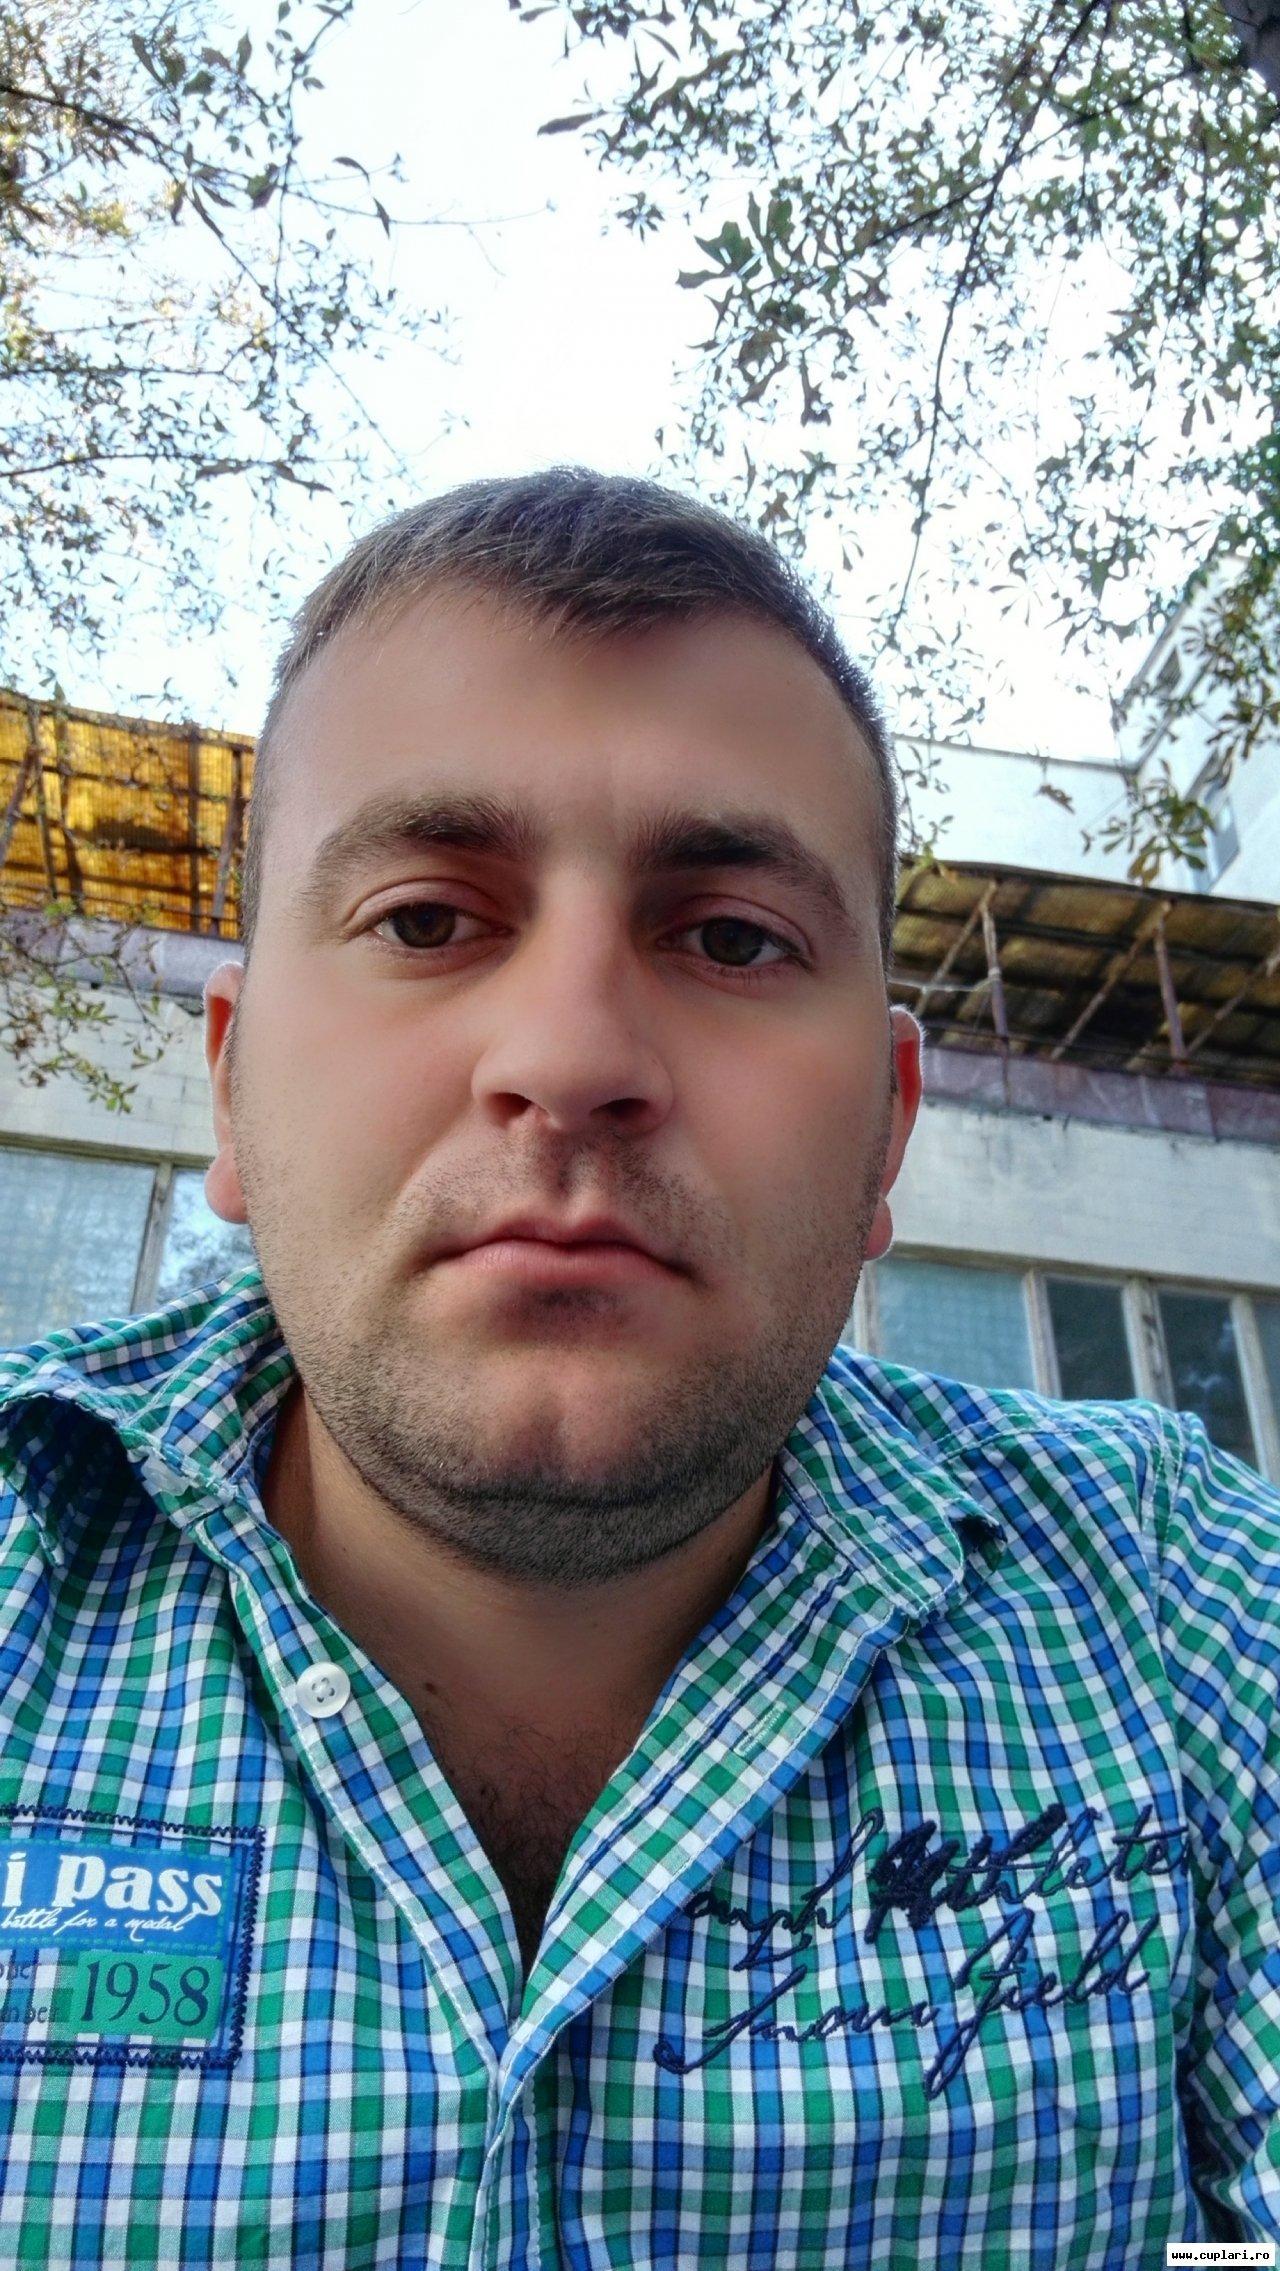 Cu matrimoniale fete poze moldova republica Femei republica